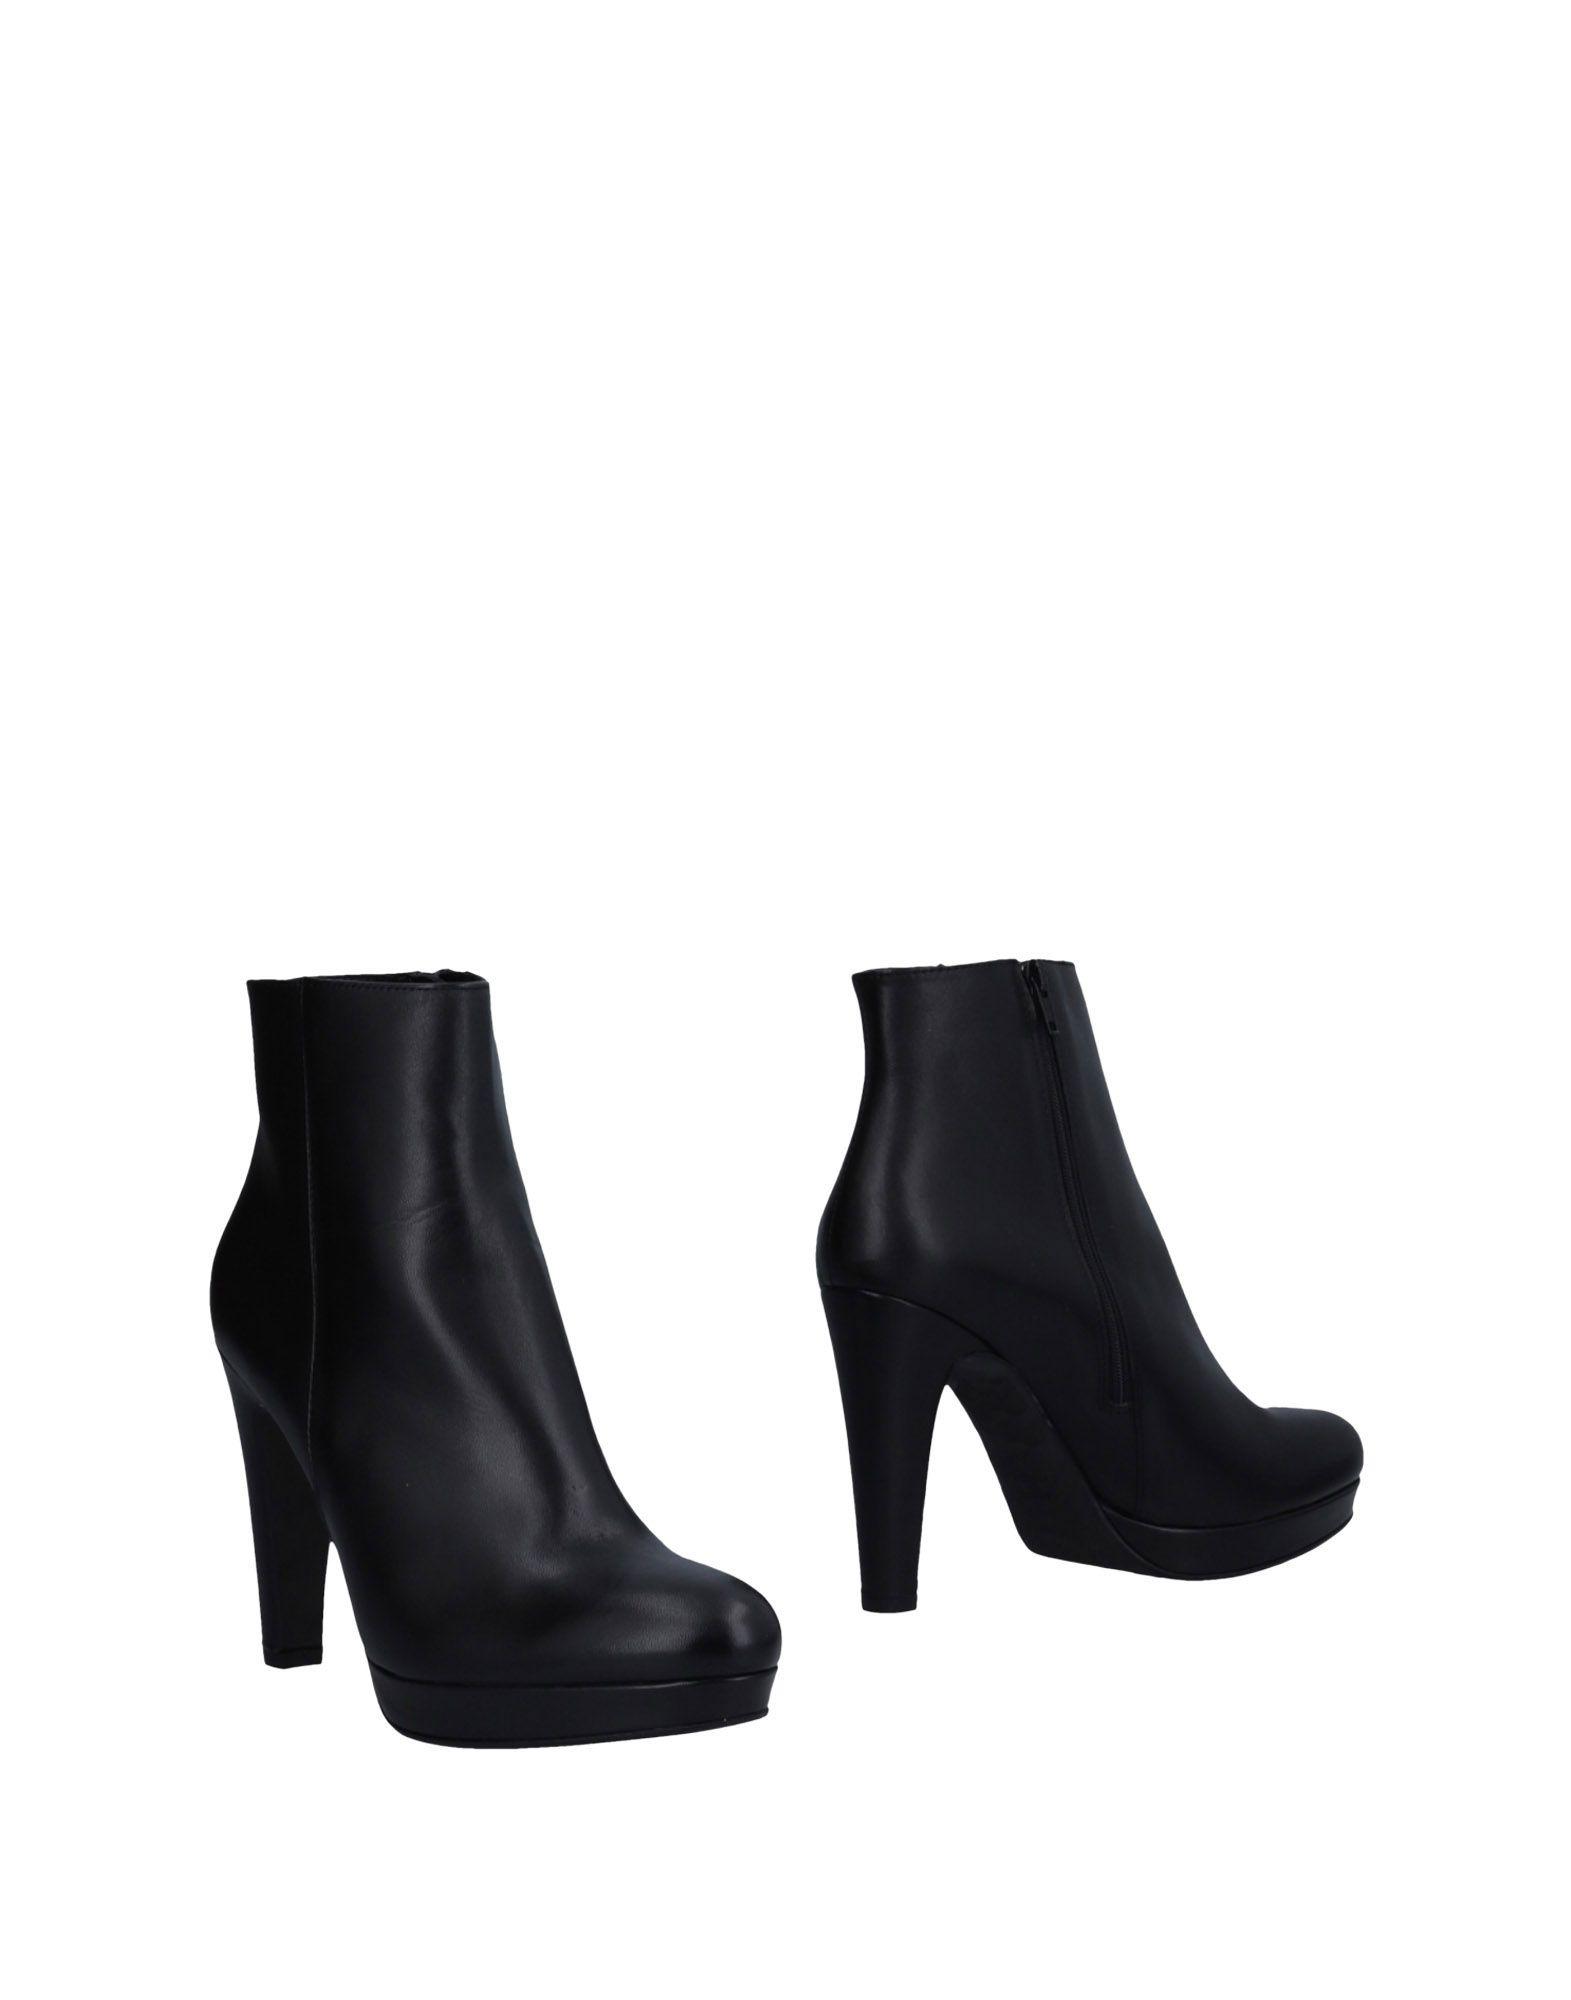 L'amour Stiefelette Qualität Damen  11490654NN Gute Qualität Stiefelette beliebte Schuhe 273c57